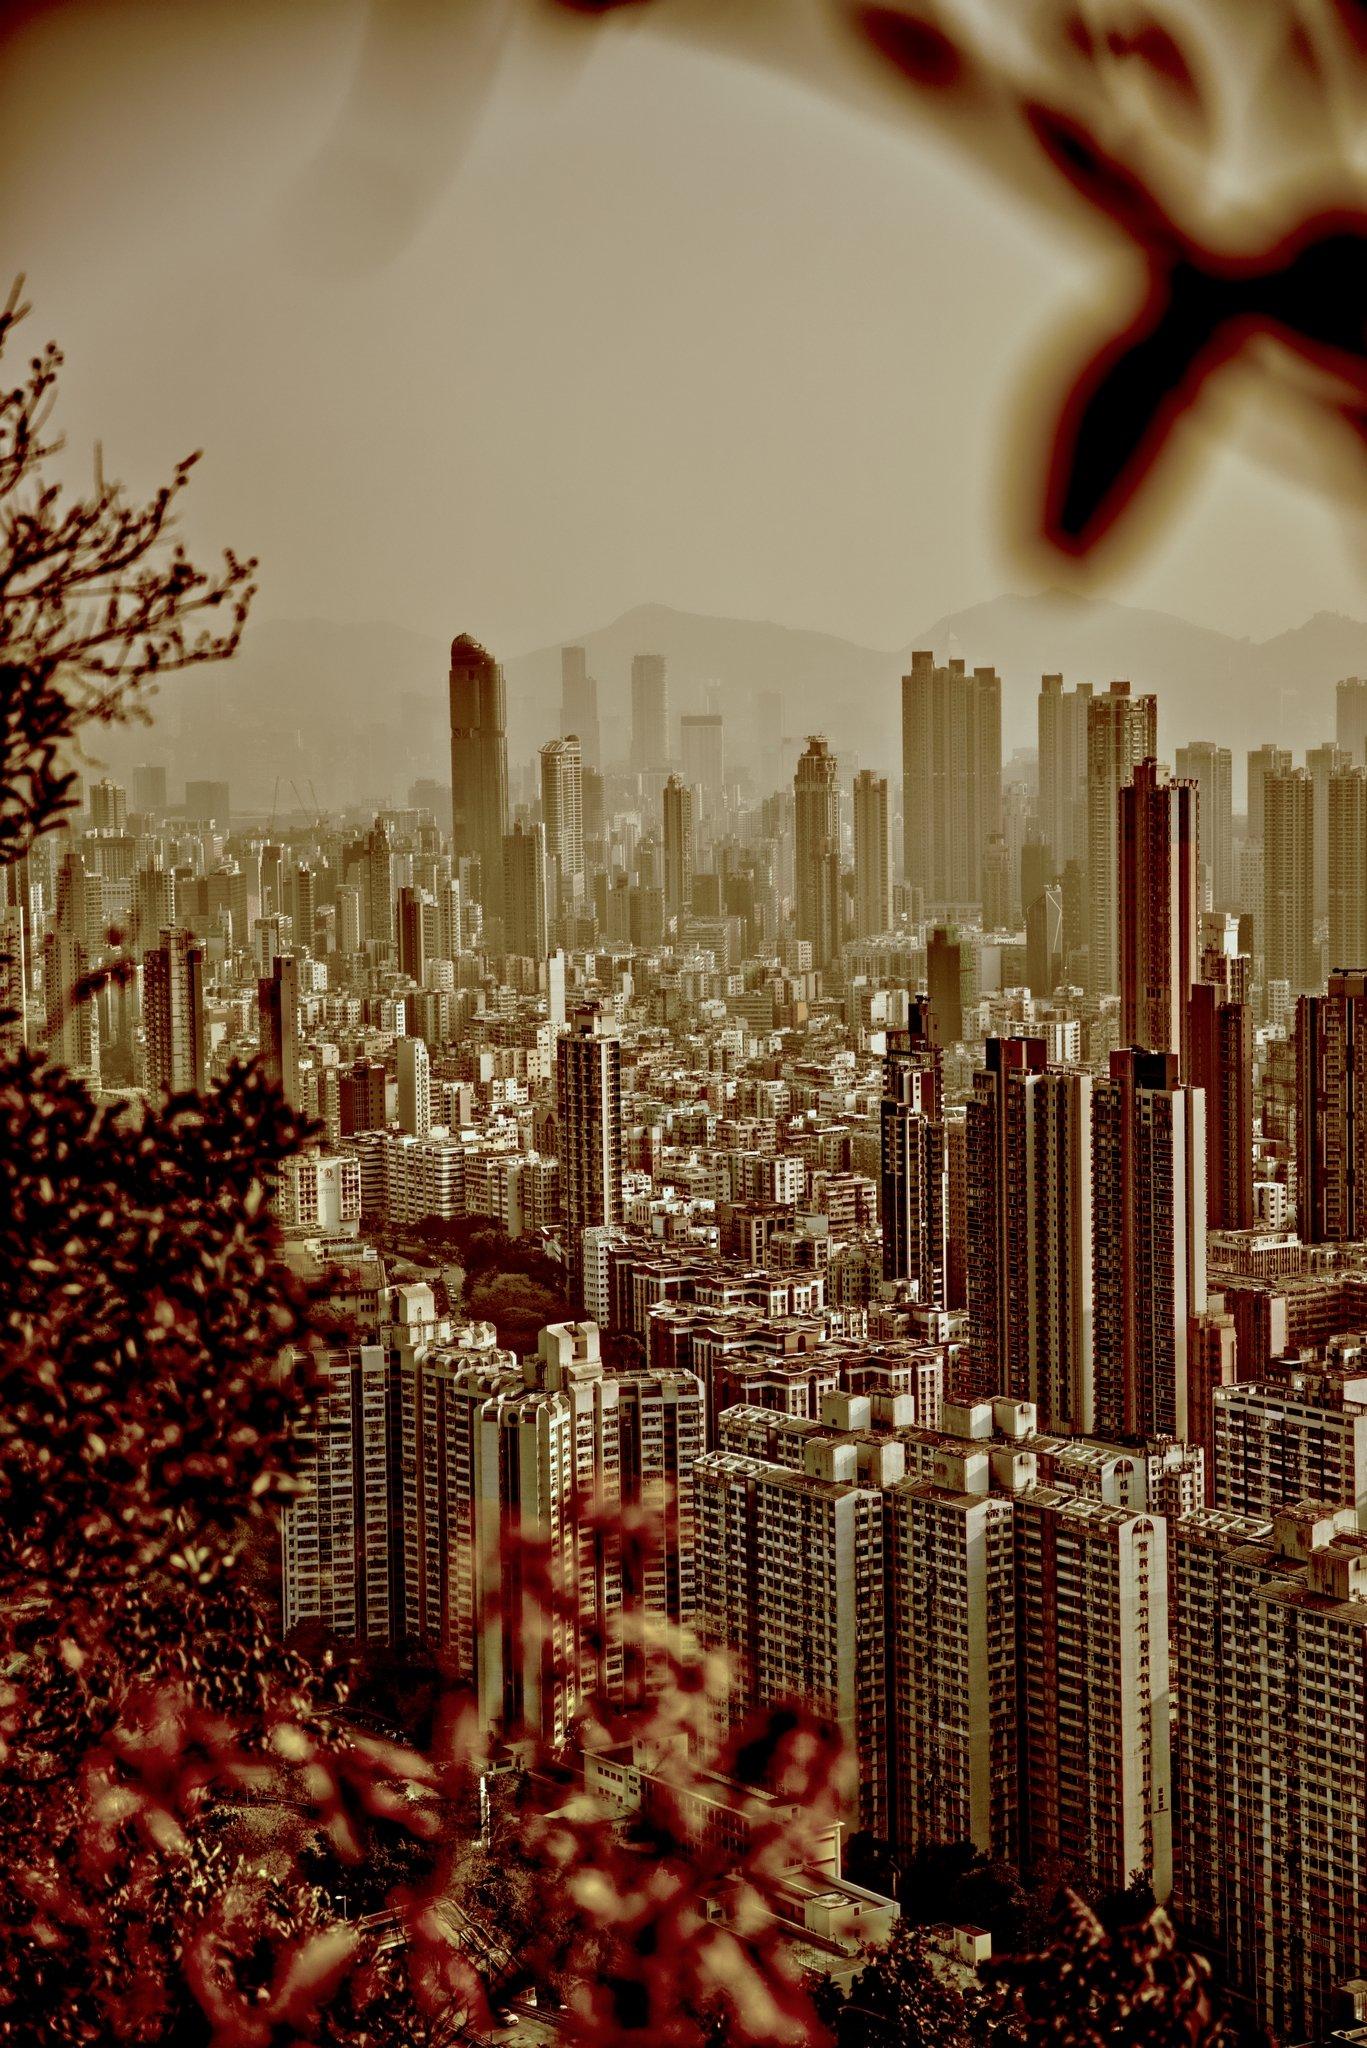 13. Cityscape